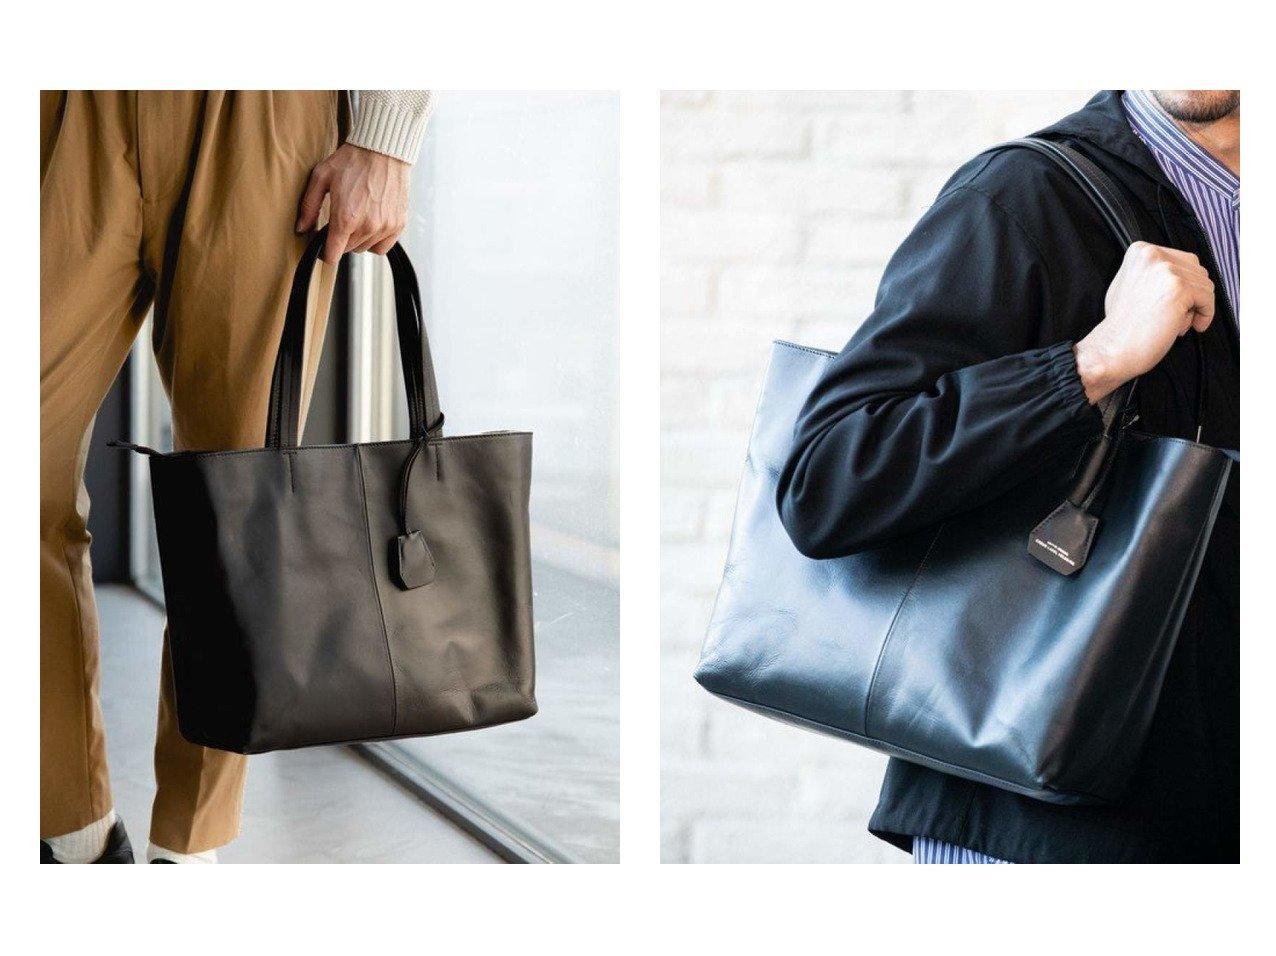 【green label relaxing / UNITED ARROWS / MEN/グリーンレーベルリラクシング メン】のSC GLR ファンクショナル レザートート バッグ 【MEN】男性のおすすめ!人気、メンズファッションの通販 おすすめで人気のファッション通販商品 インテリア・家具・キッズファッション・メンズファッション・レディースファッション・服の通販 founy(ファニー) https://founy.com/ ファッション Fashion メンズ MEN バッグ Bag Men トートバッグ Tote Bags ウォレット クッション 傘 定番 ポケット マグネット メッシュ |ID:crp329100000003920